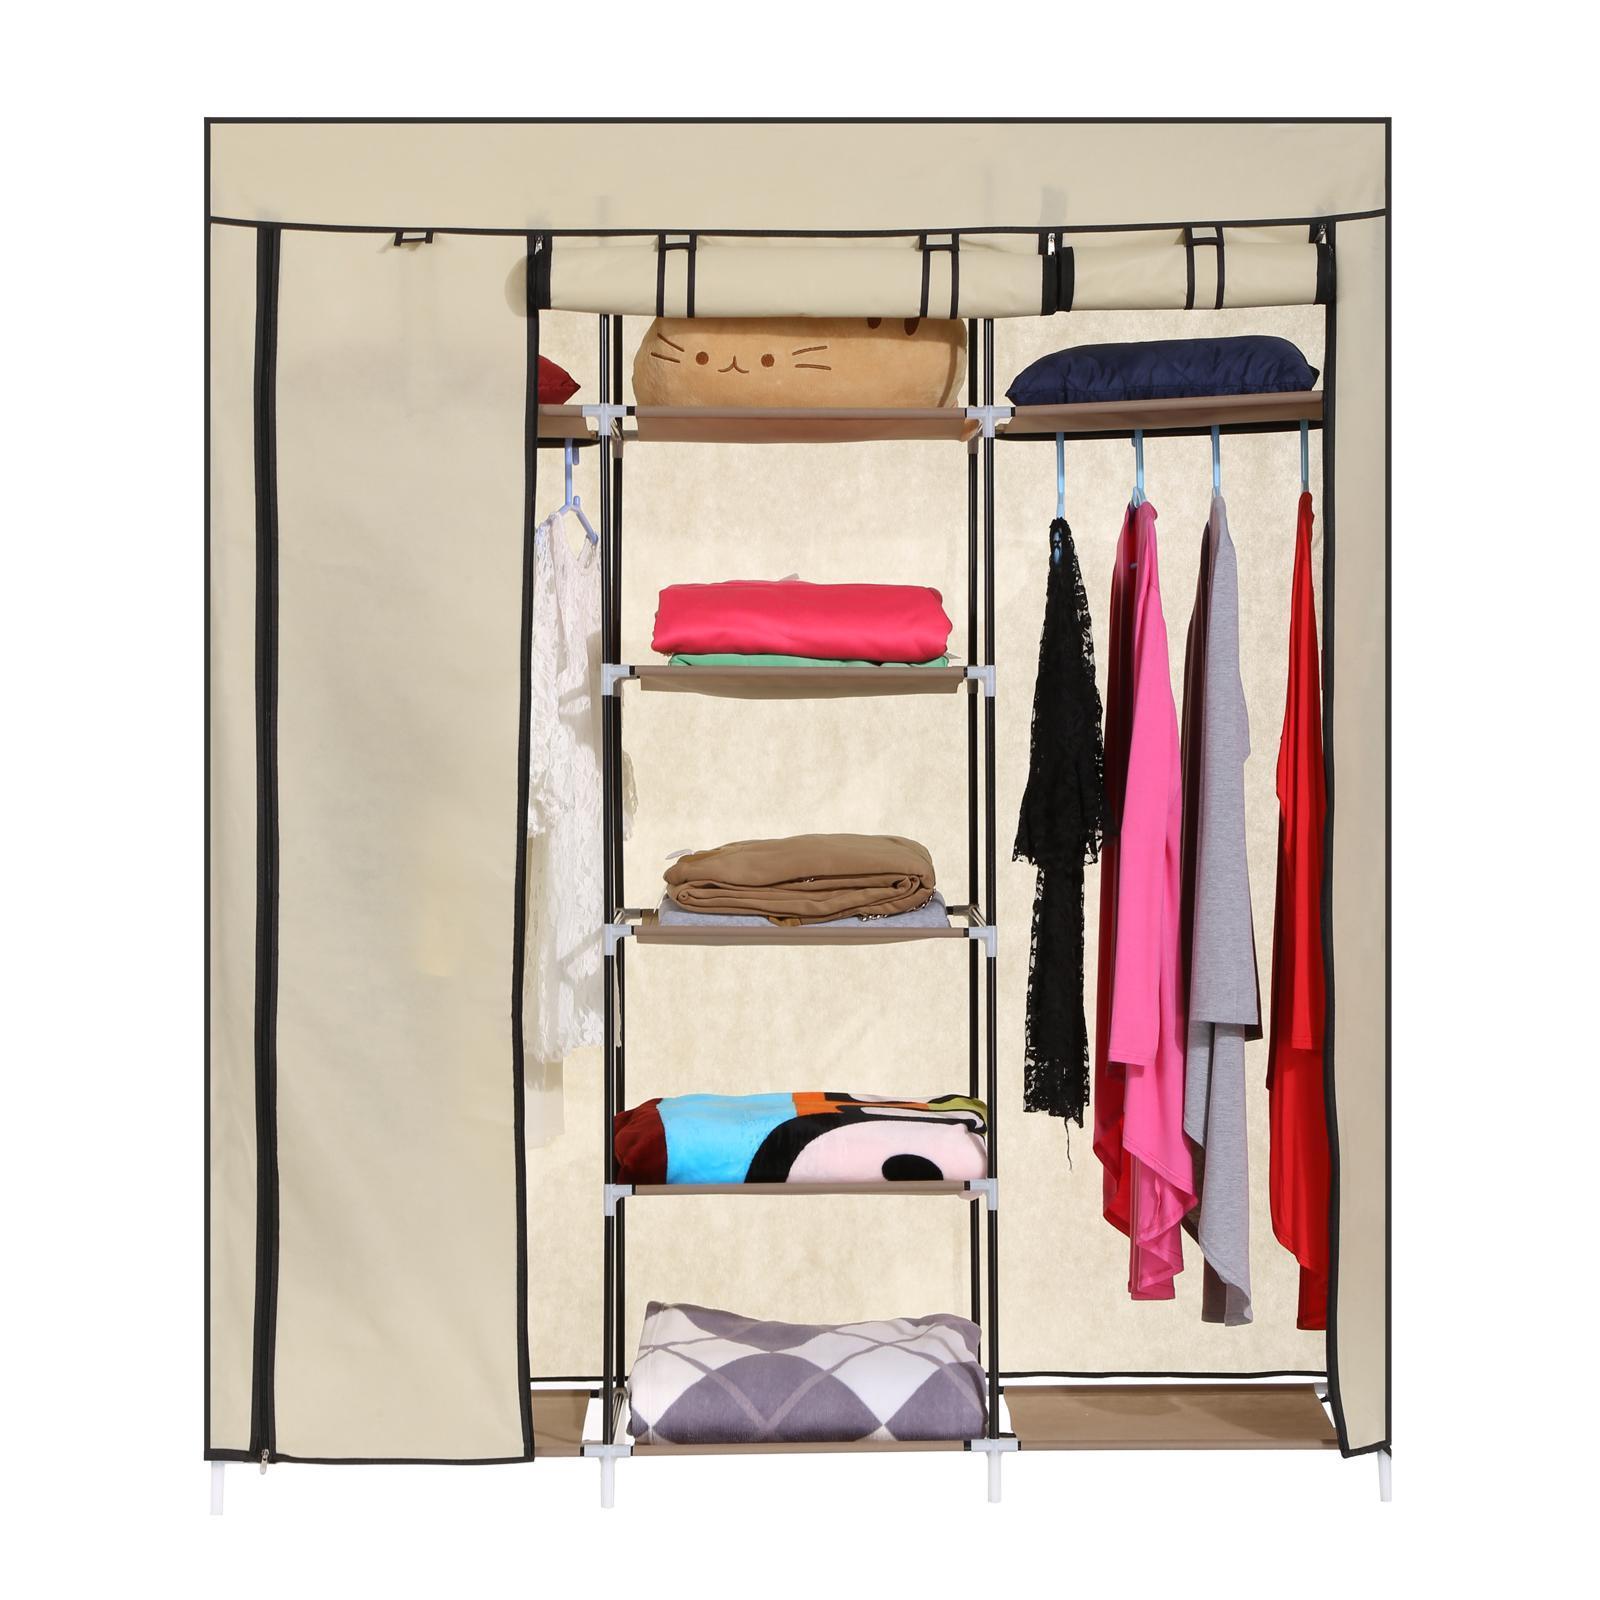 kleiderschrank faltschrank garderobenschrank stoffschrank 175x150x45cm farbwahl ebay. Black Bedroom Furniture Sets. Home Design Ideas